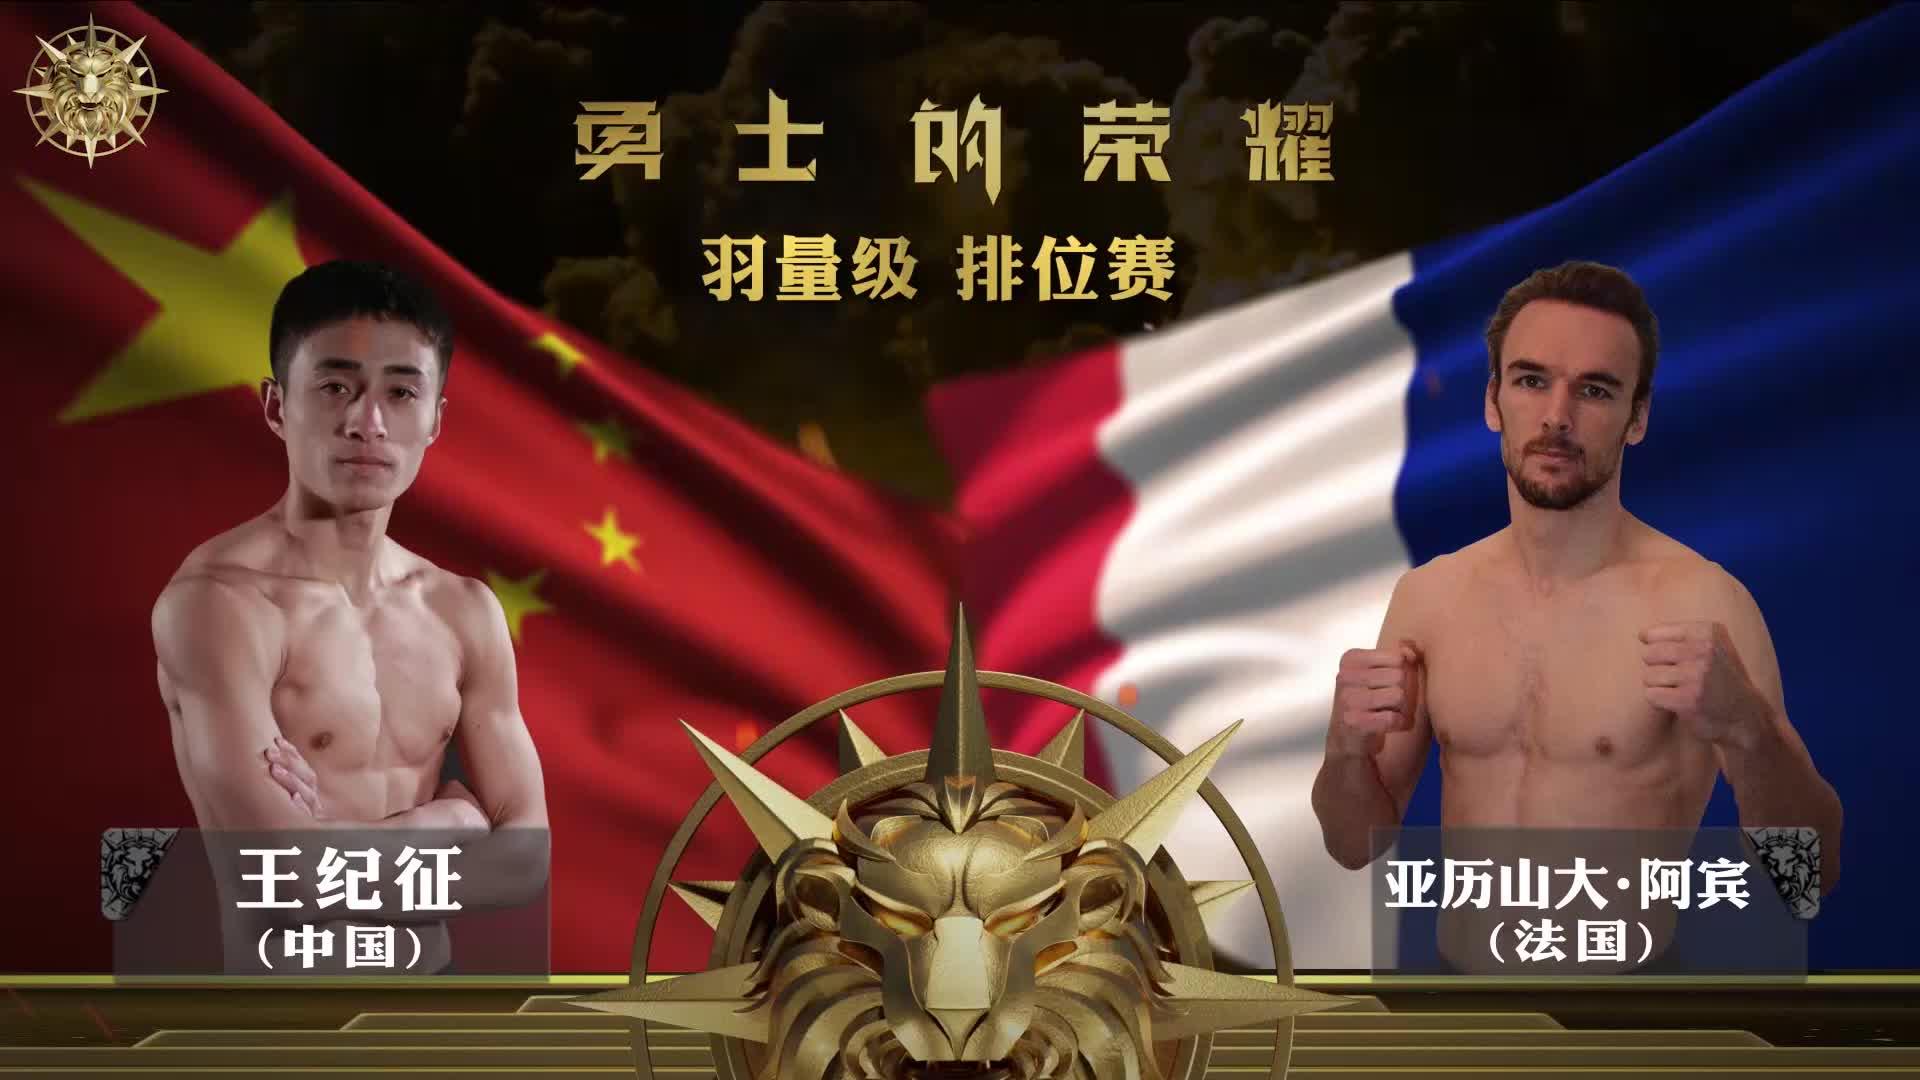 又是逆转!远战瑞士老外家门口压着打,中国小伙扑上去重拳KO秒胜